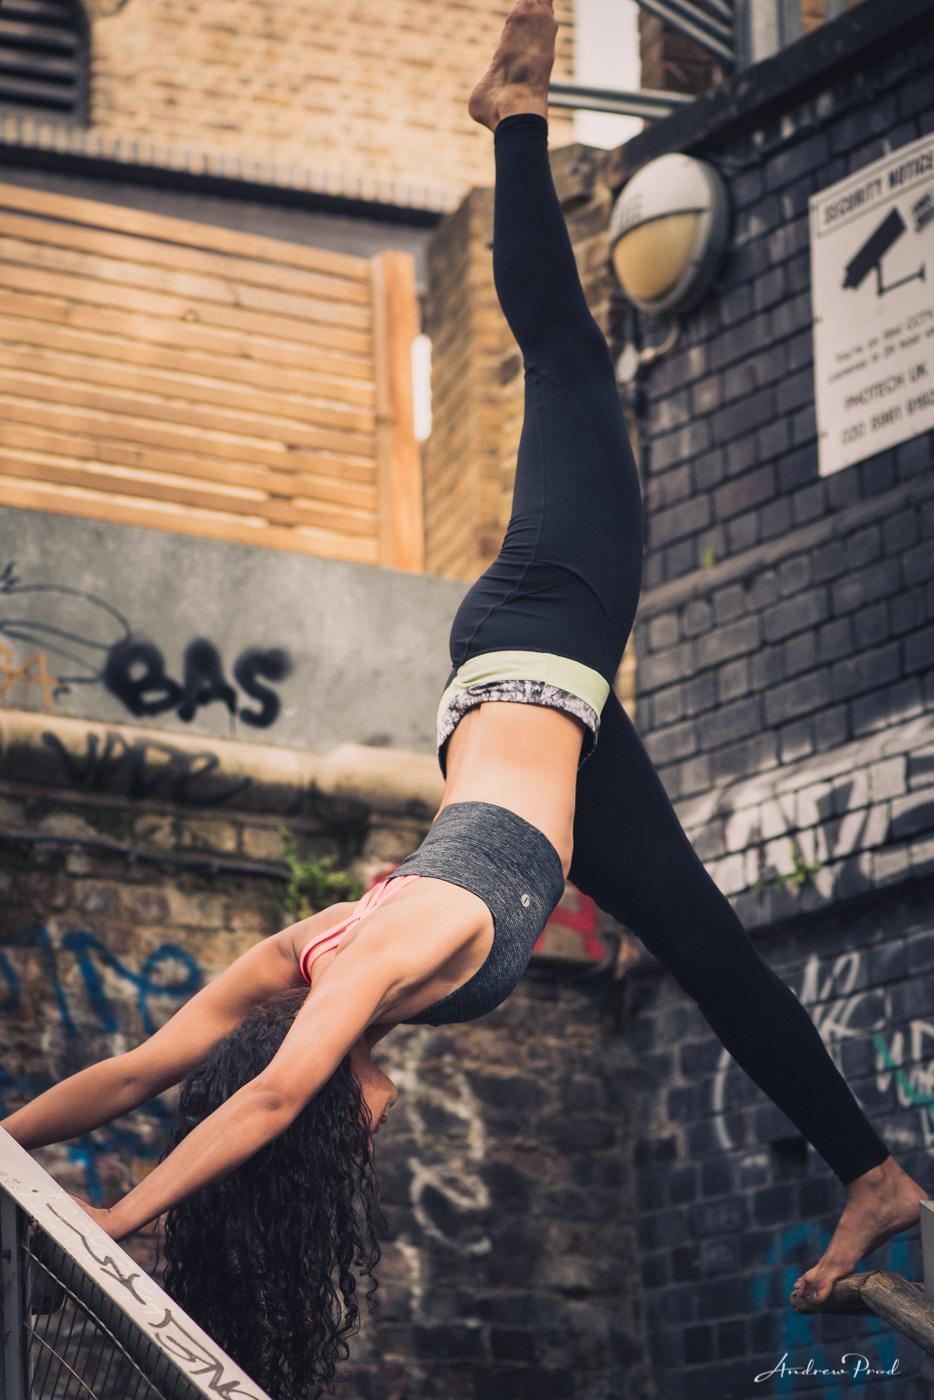 camden-town-yoga-photography-3